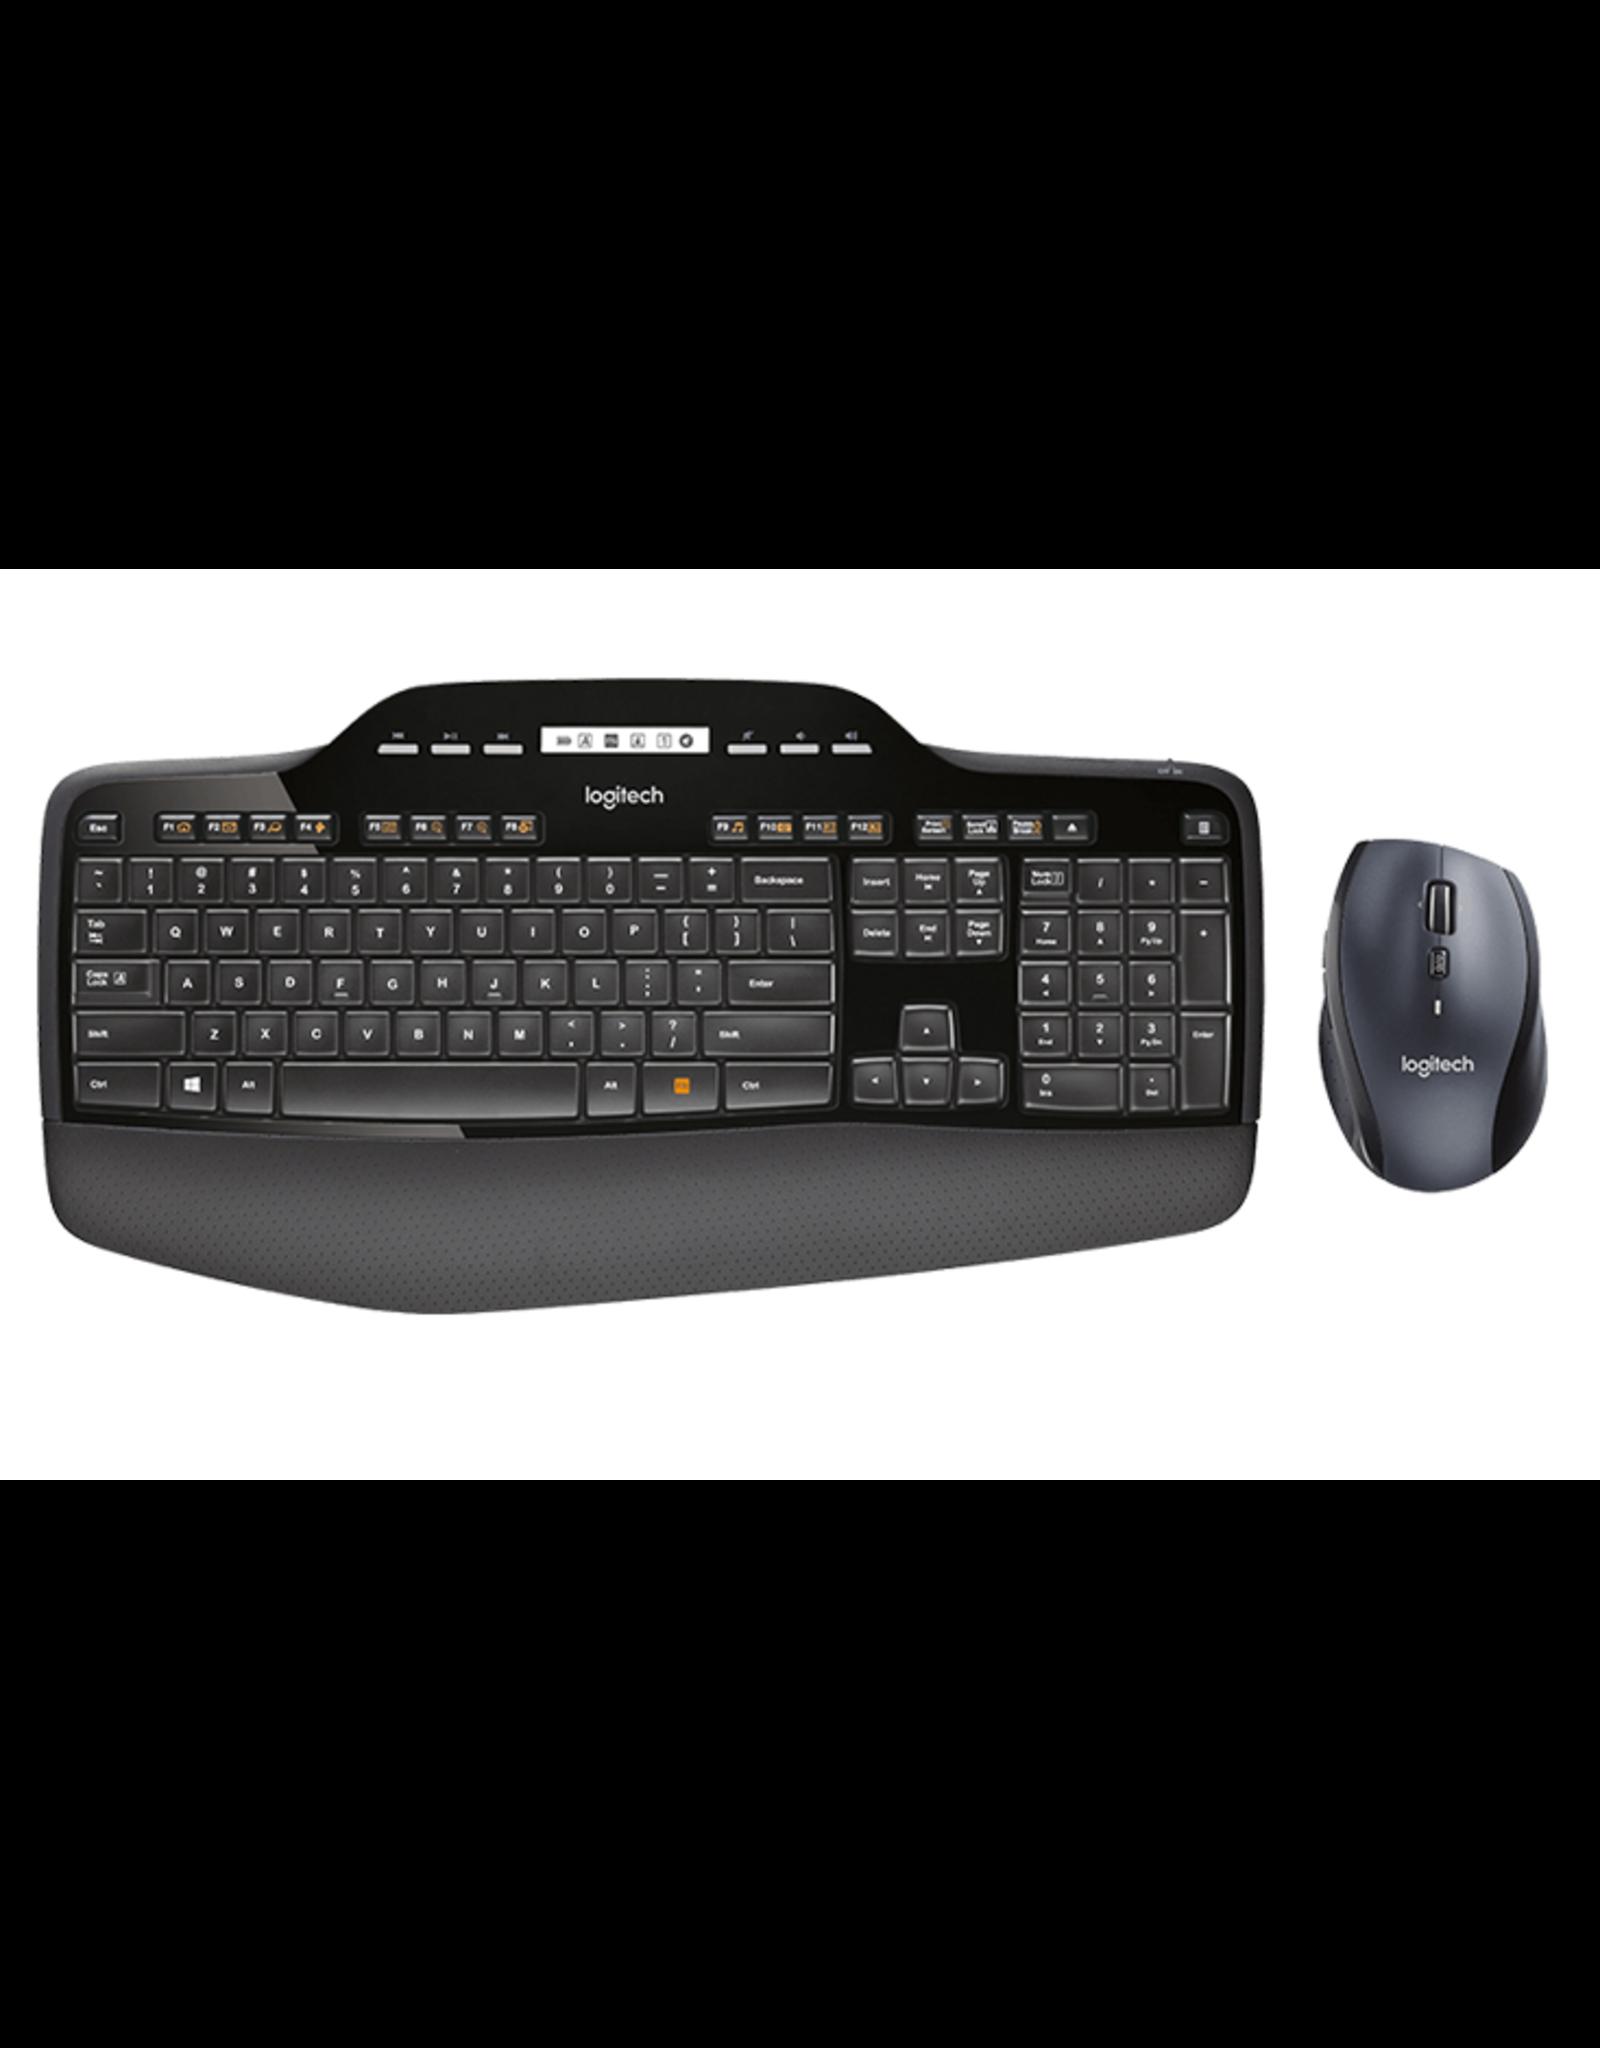 Logitech Logitech MK710 Wireless Mouse and Keyboard (Refurbished)